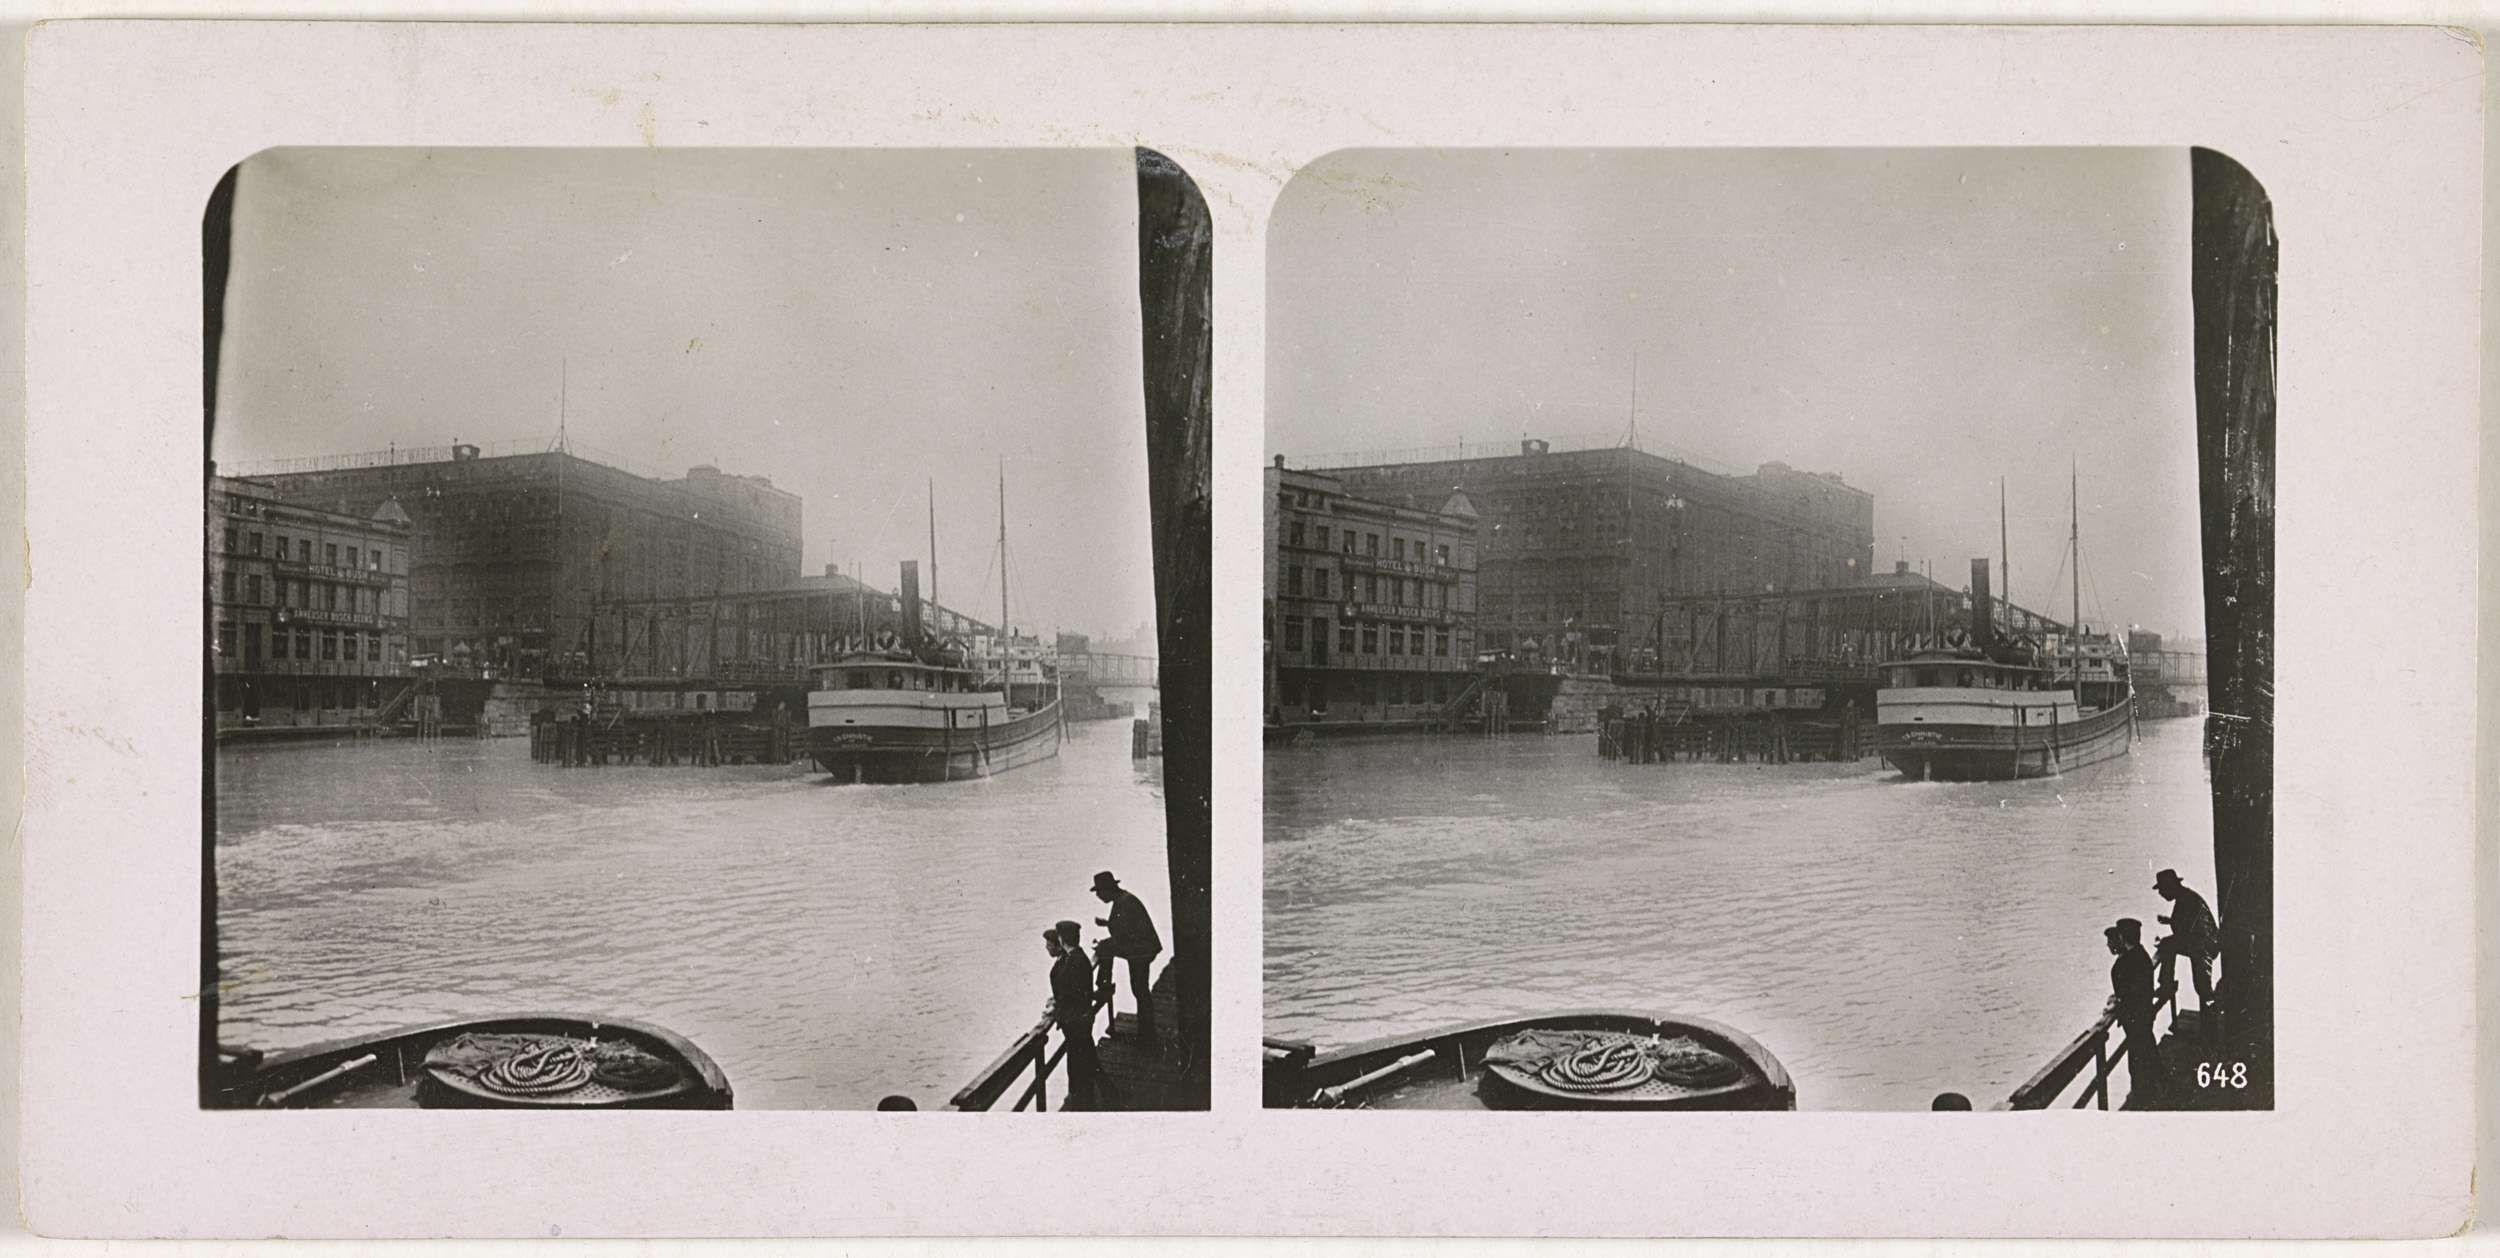 Anonymous | Gezicht op de haven van Chicago, Anonymous, c. 1884 - c. 1914 | Rechtsonder op de foto rechts staat: 648.